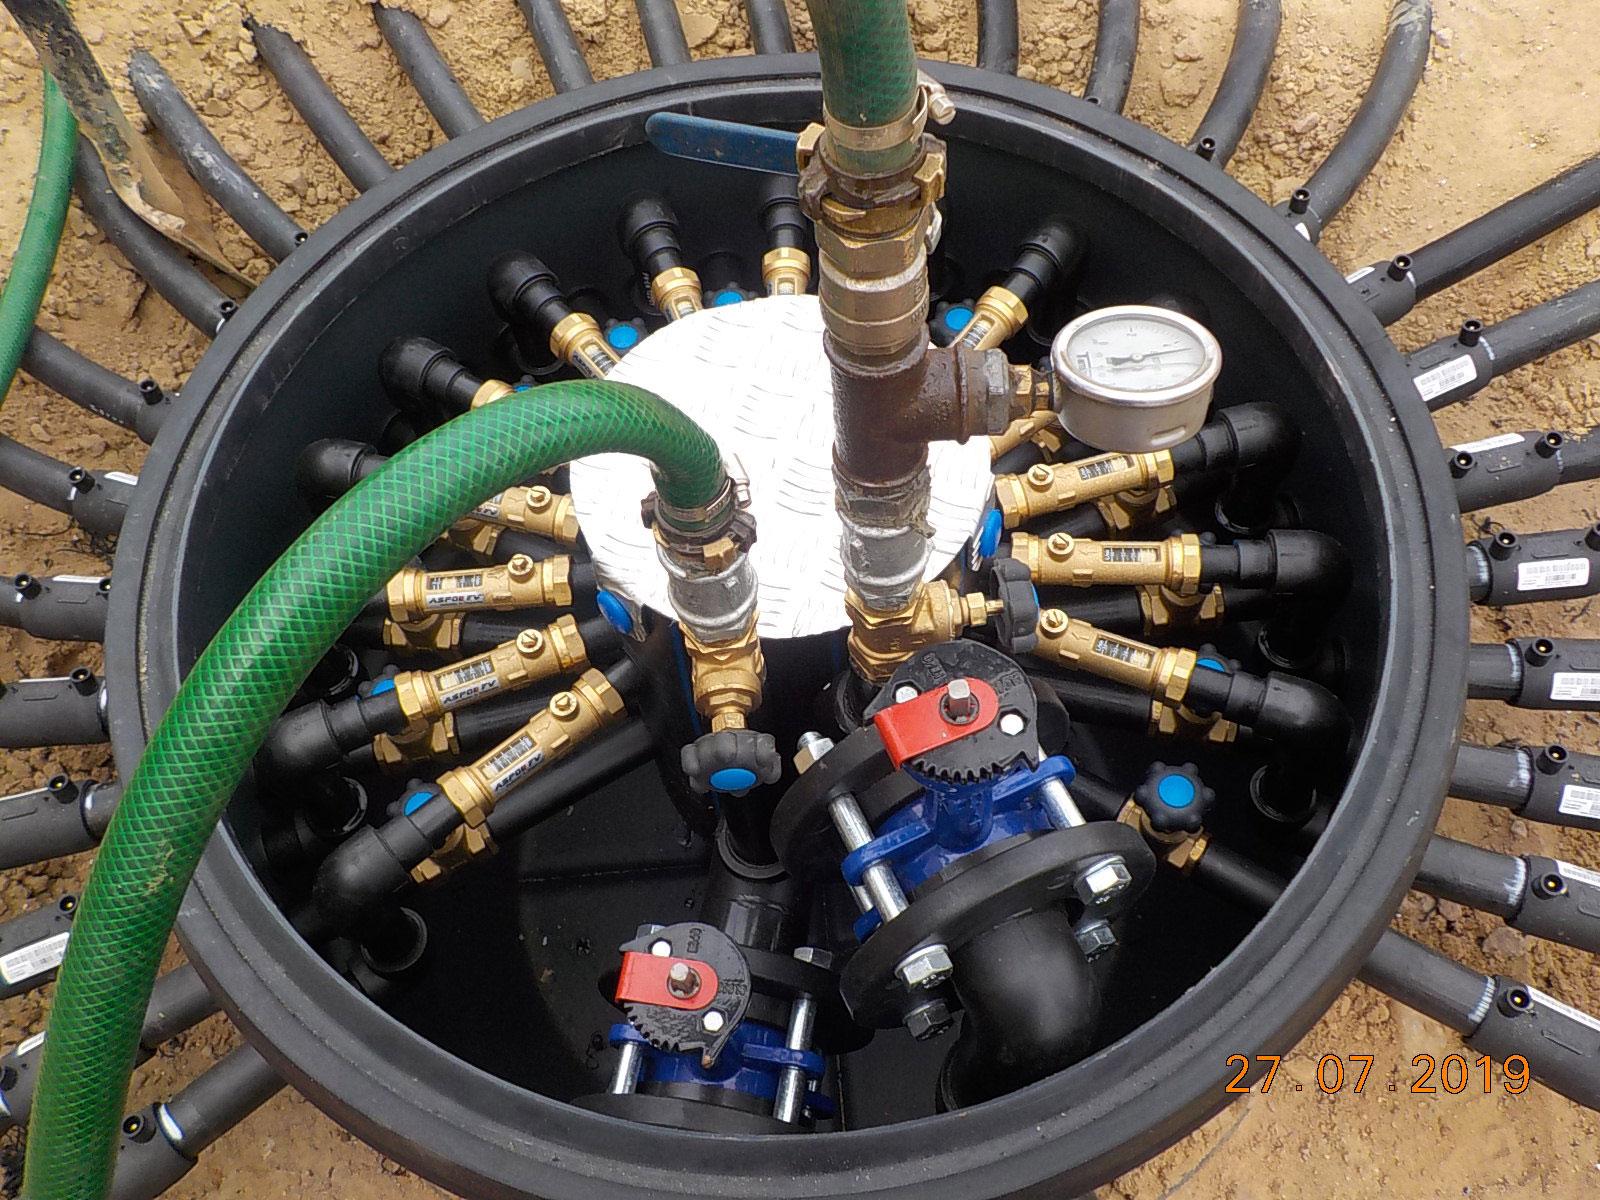 Odwierty pod pompy ciepła, Odwierty geotermalne, Wiercenie pod pompy ciepła, Odwierty do pomp ciepła, Pompy ciepła | BOSE-Instal Sp. z o.o.